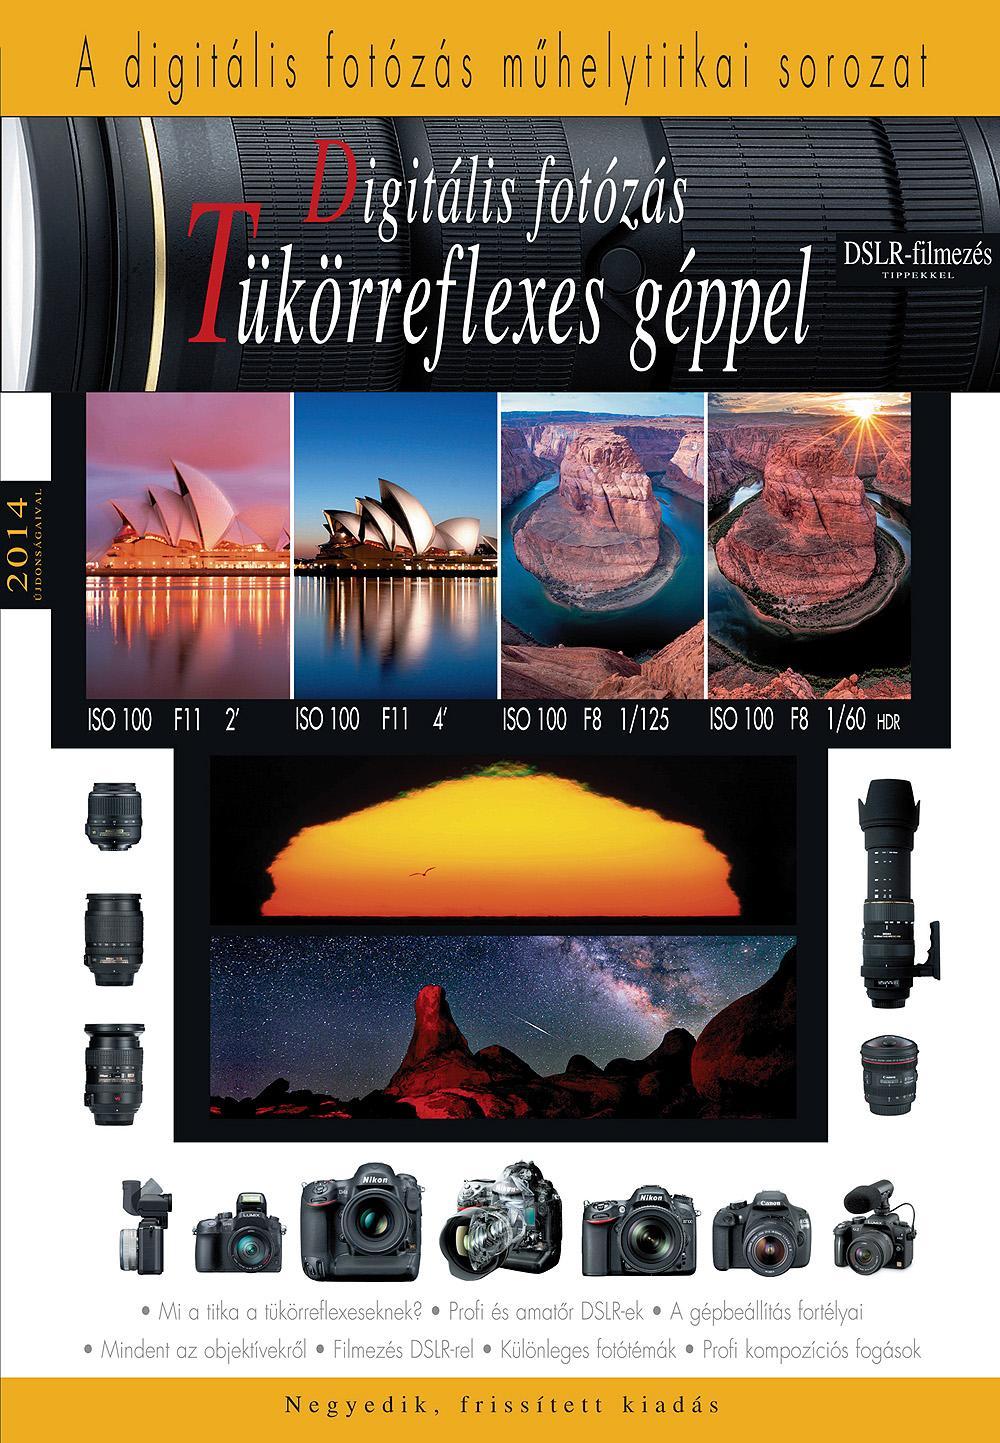 DIGITÁLIS FOTÓZÁS TÜKÖRREFLEXES GÉPPEL (2014, 4. FRISSÍTETT KIAD.)